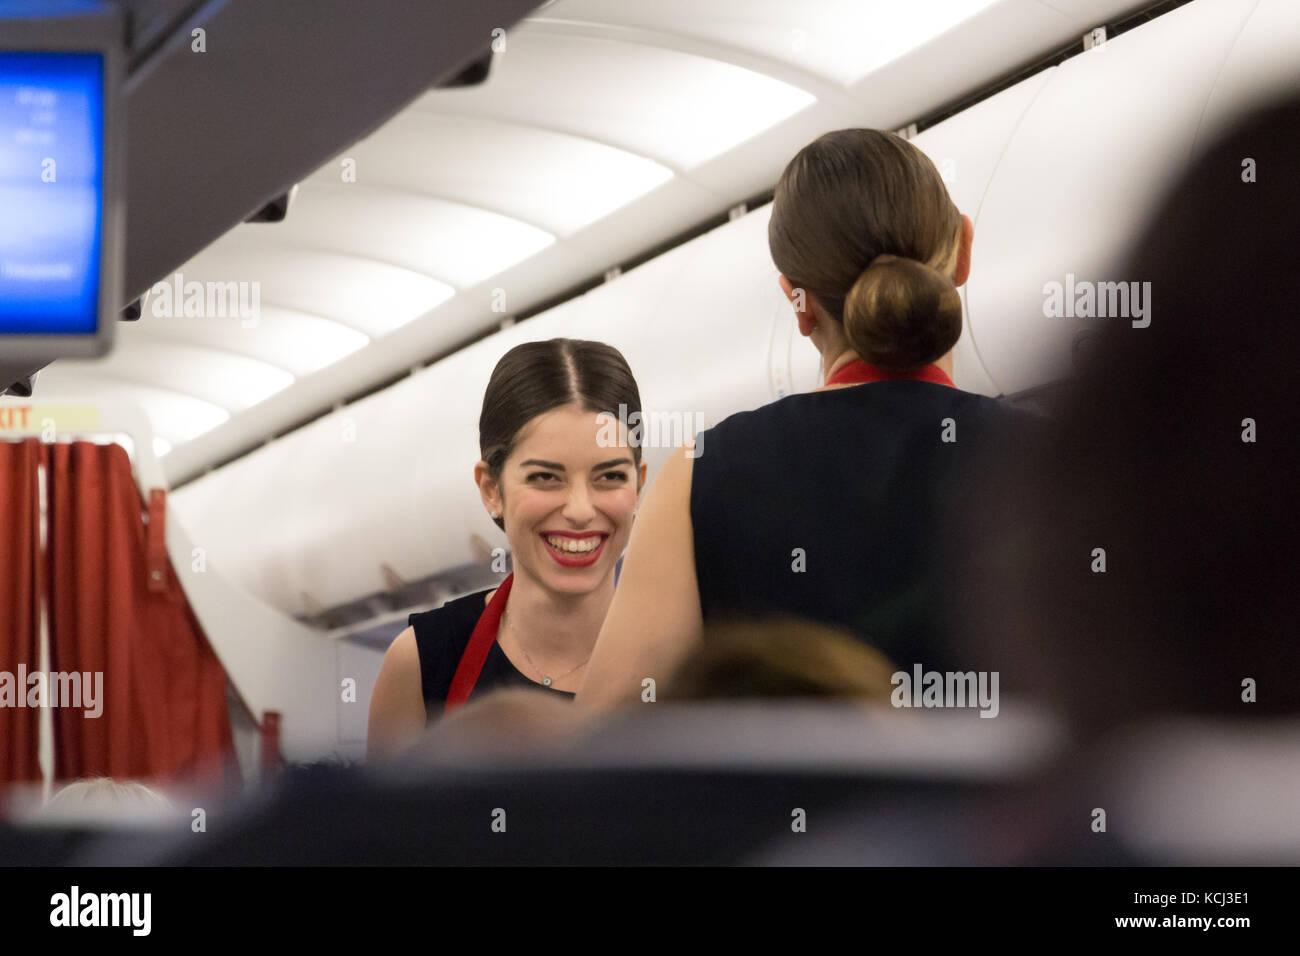 Munich, Alemania - 21 de septiembre, 2017: dos mujeres auxiliares de vuelo están sirviendo la comida en la clase turista , Aegean Airlines. Foto de stock